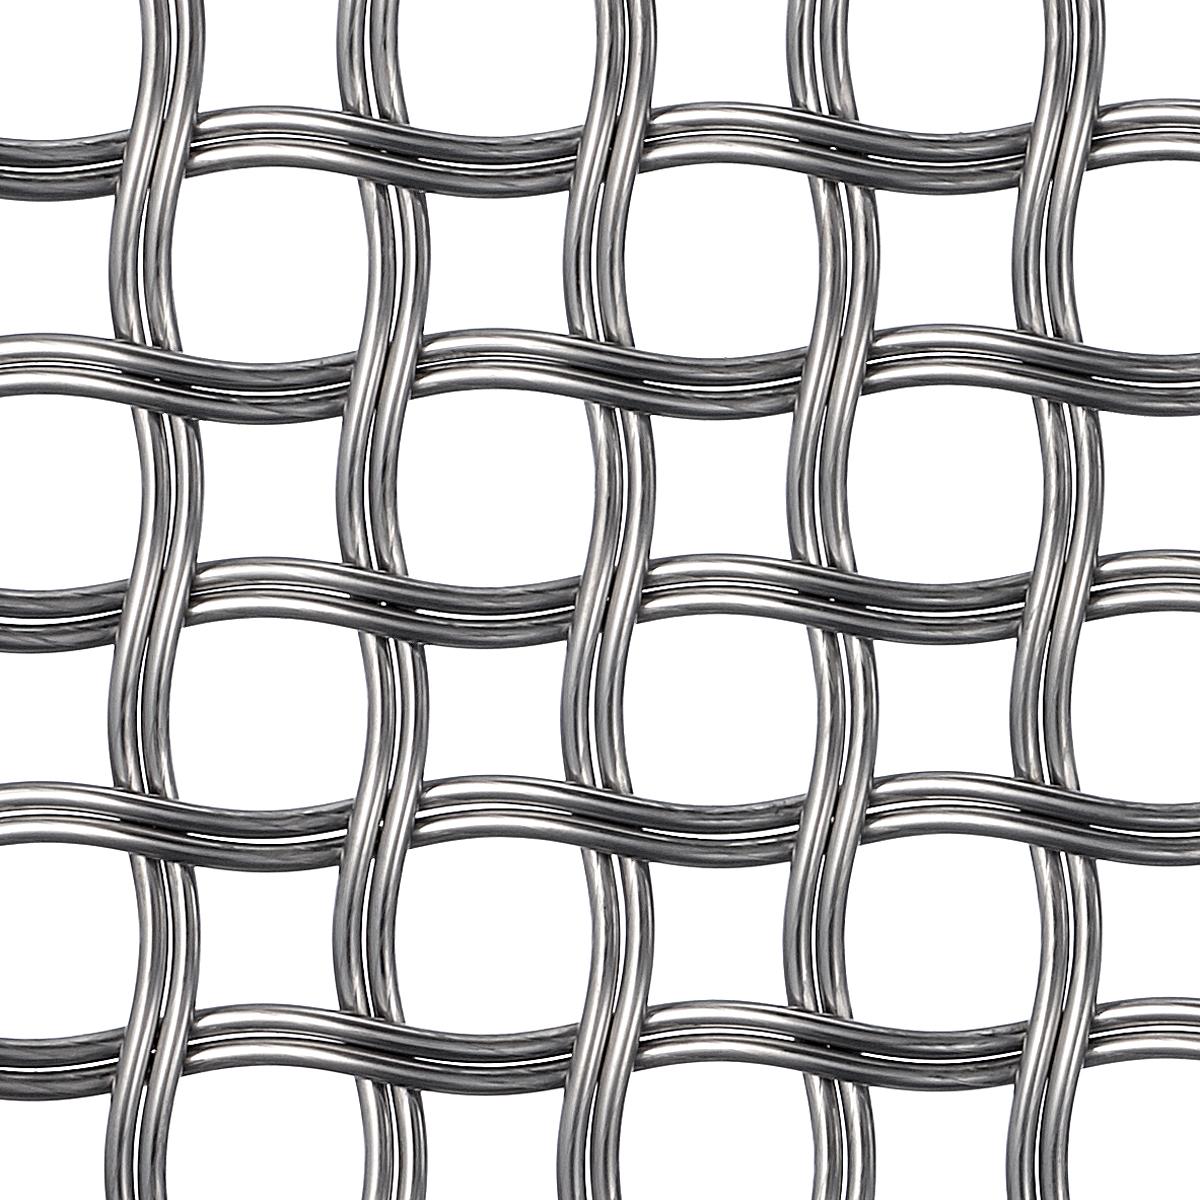 Thingamajig Wire Patterns - Dolgular.com